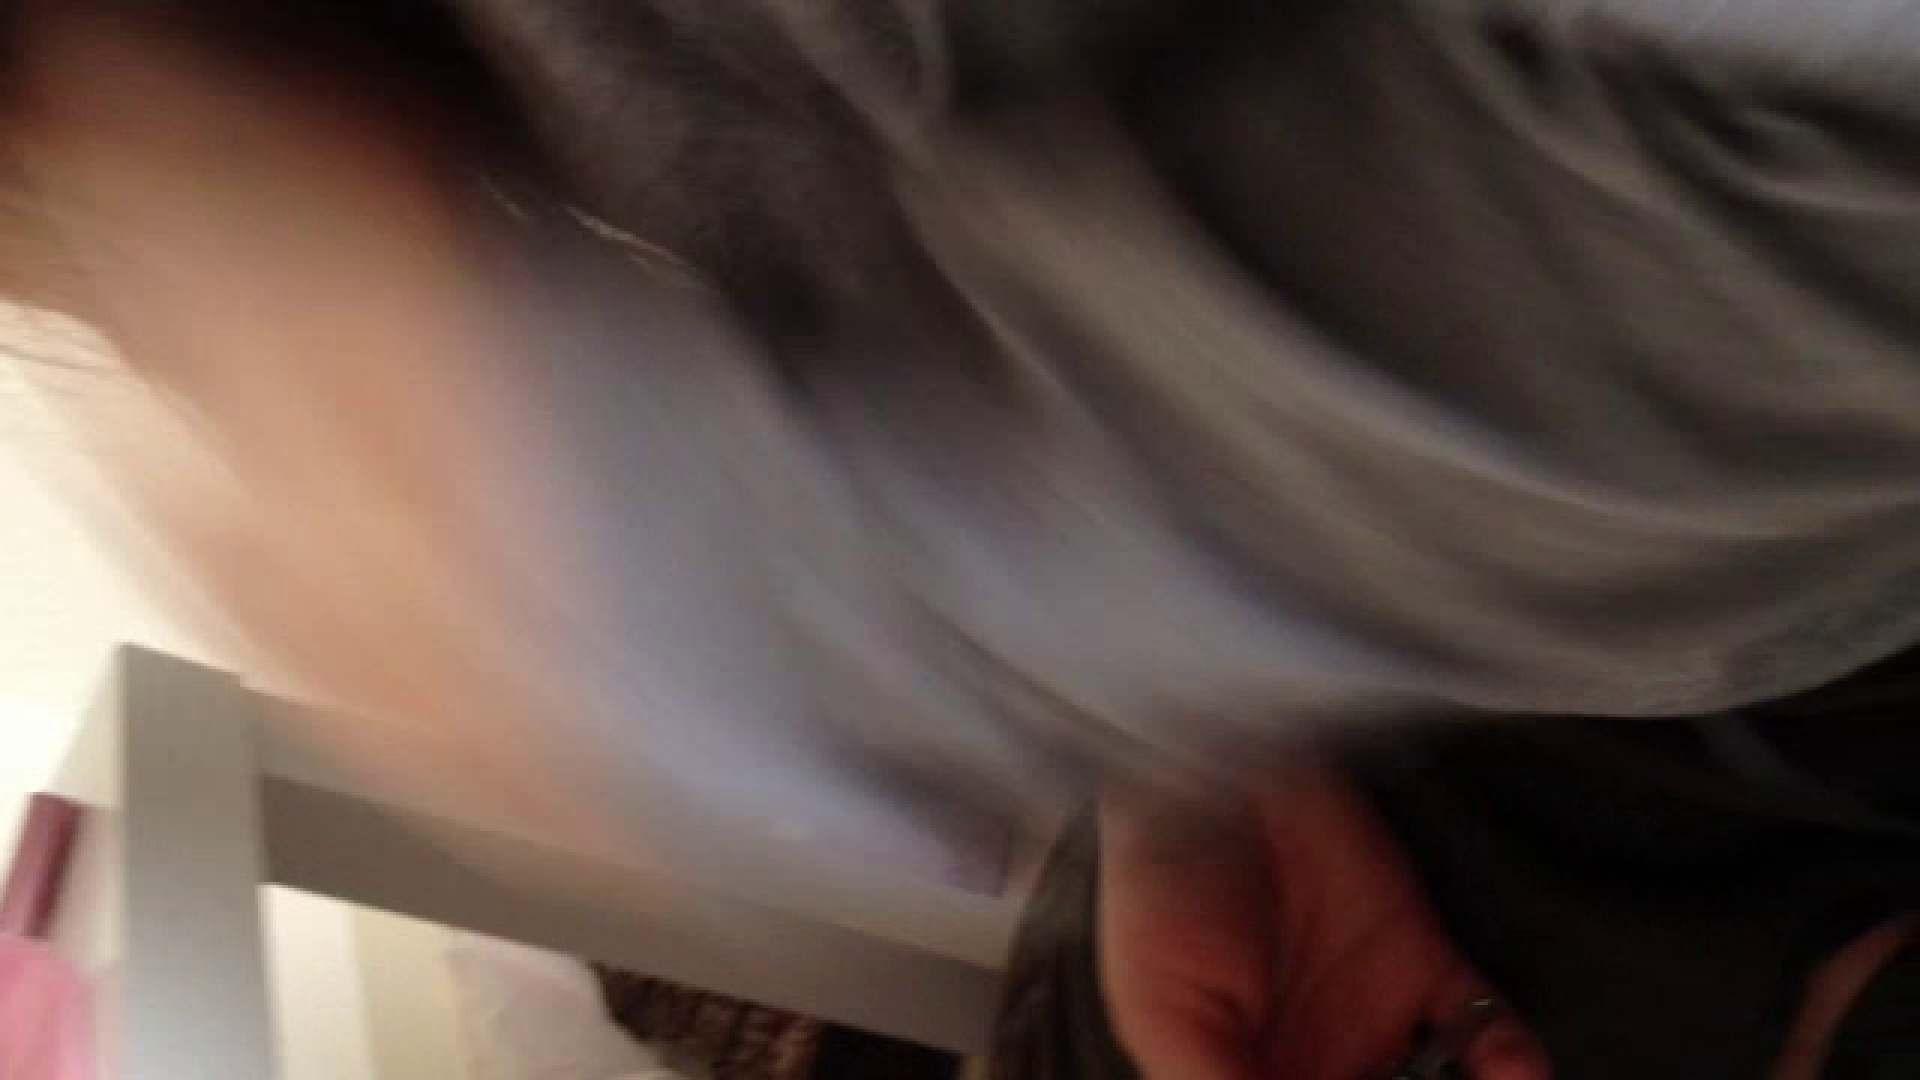 19(19日目)ハナウタでメイク中の彼女に悪戯 悪戯  88pic 54